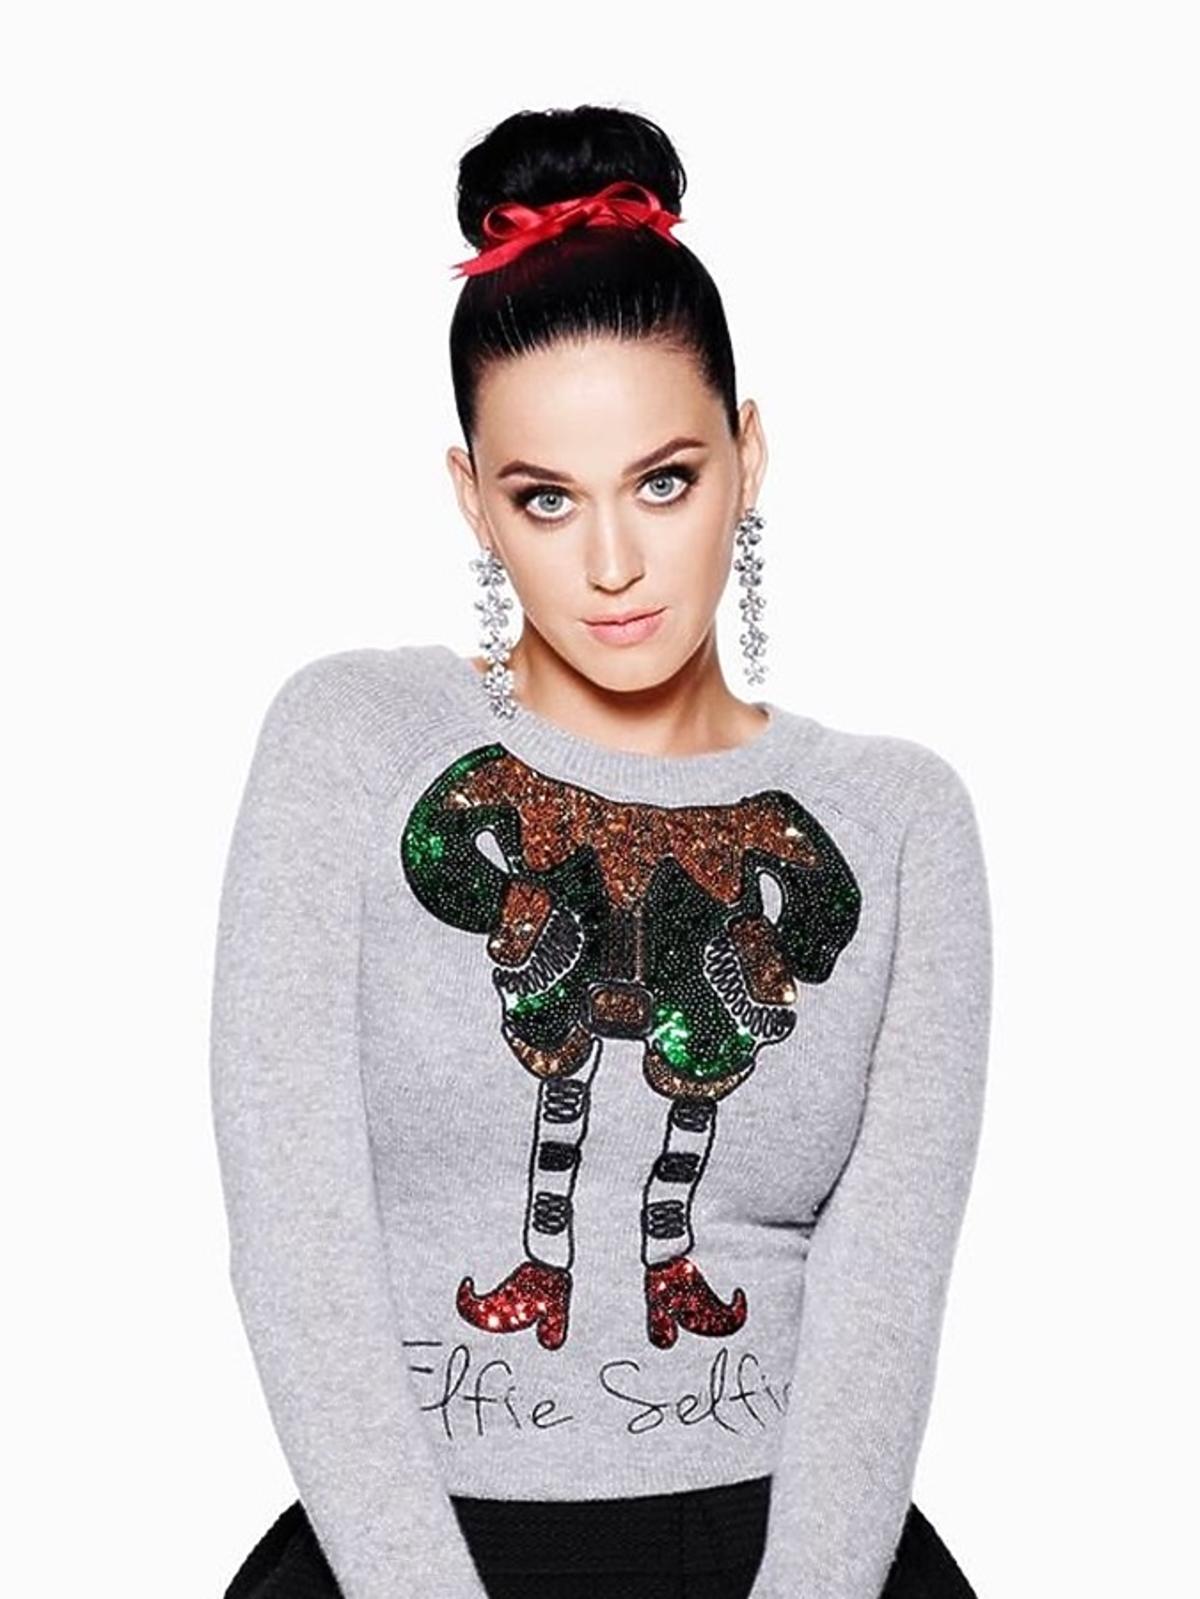 Katy Perry w świątecznym swetrze